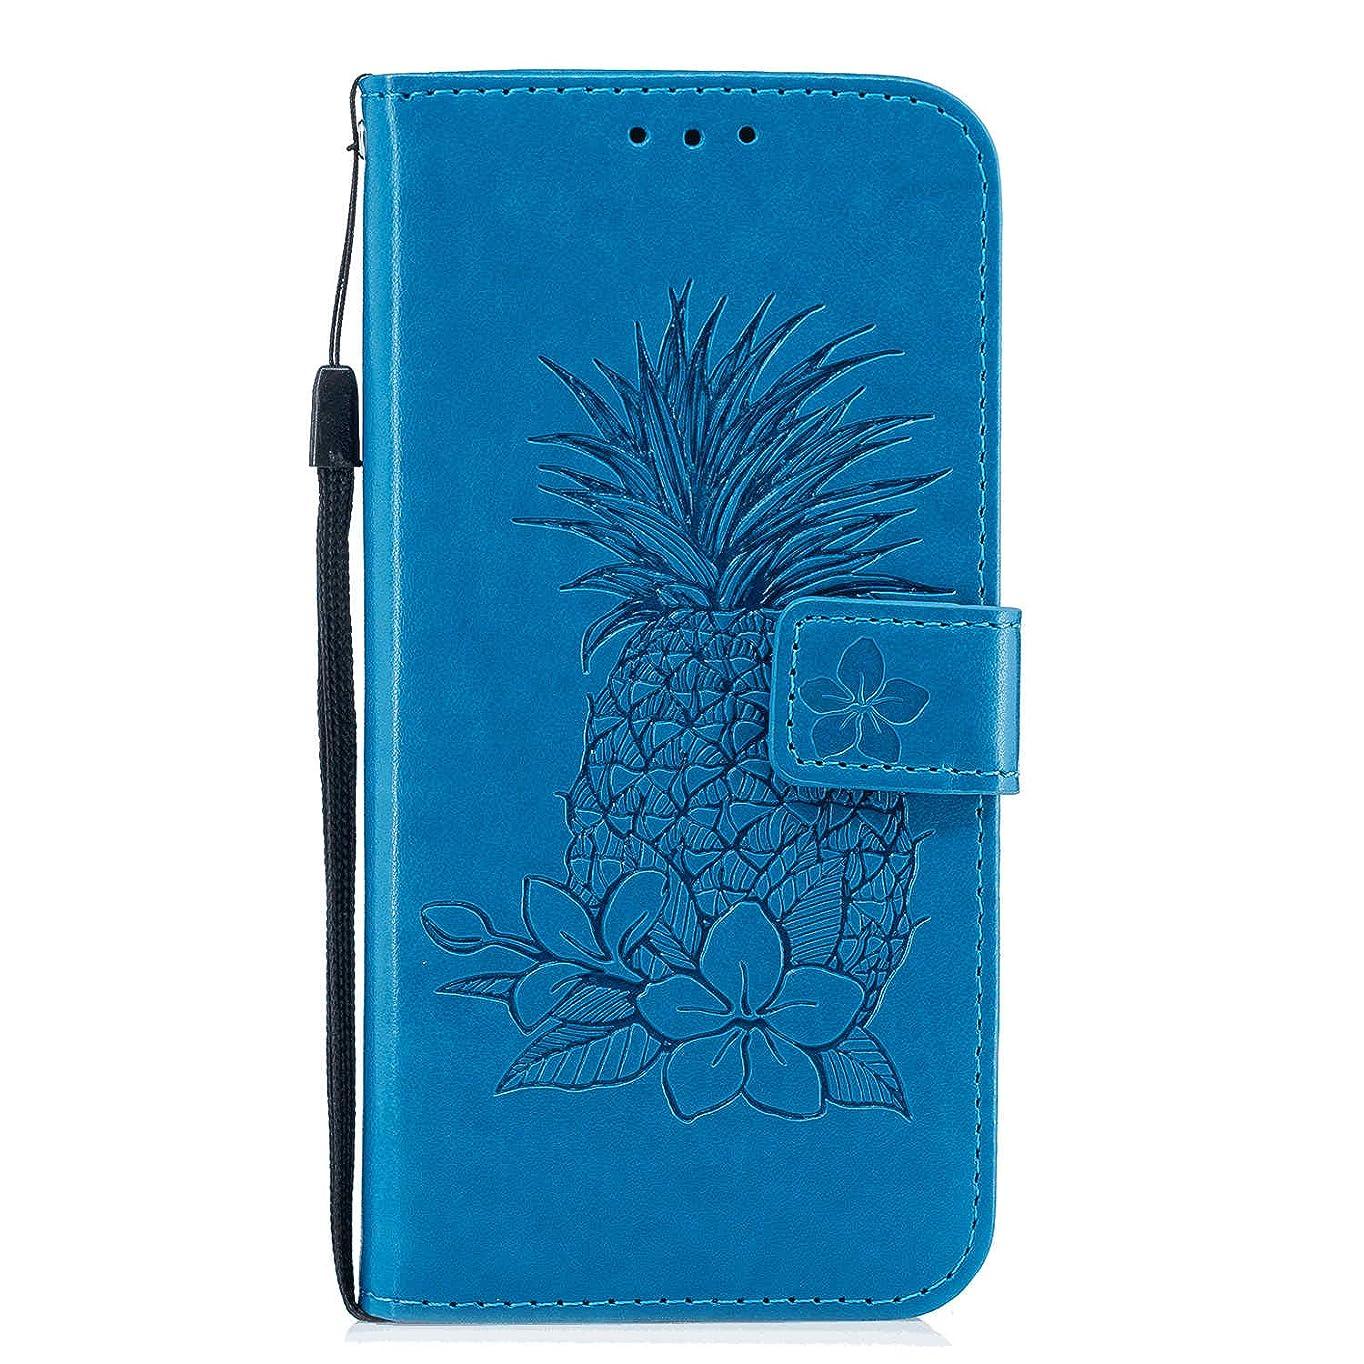 匿名スロー後退するHuawei P20 Lite PUレザー ケース, 手帳型 ケース 本革 ポーチケース カバー収納 高級 ビジネス 財布 手帳型ケース Huawei P20 Lite レザーケース